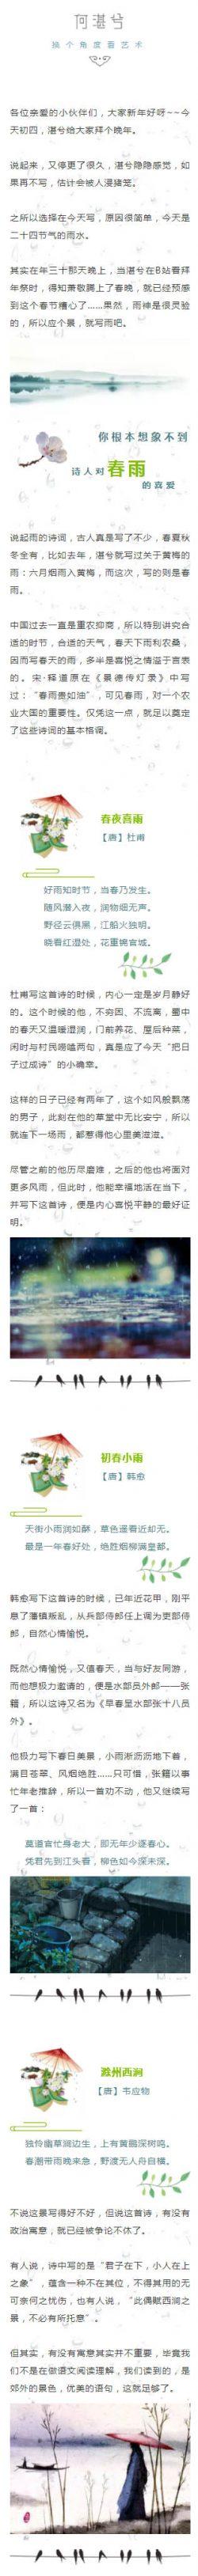 古人春雨的诗词